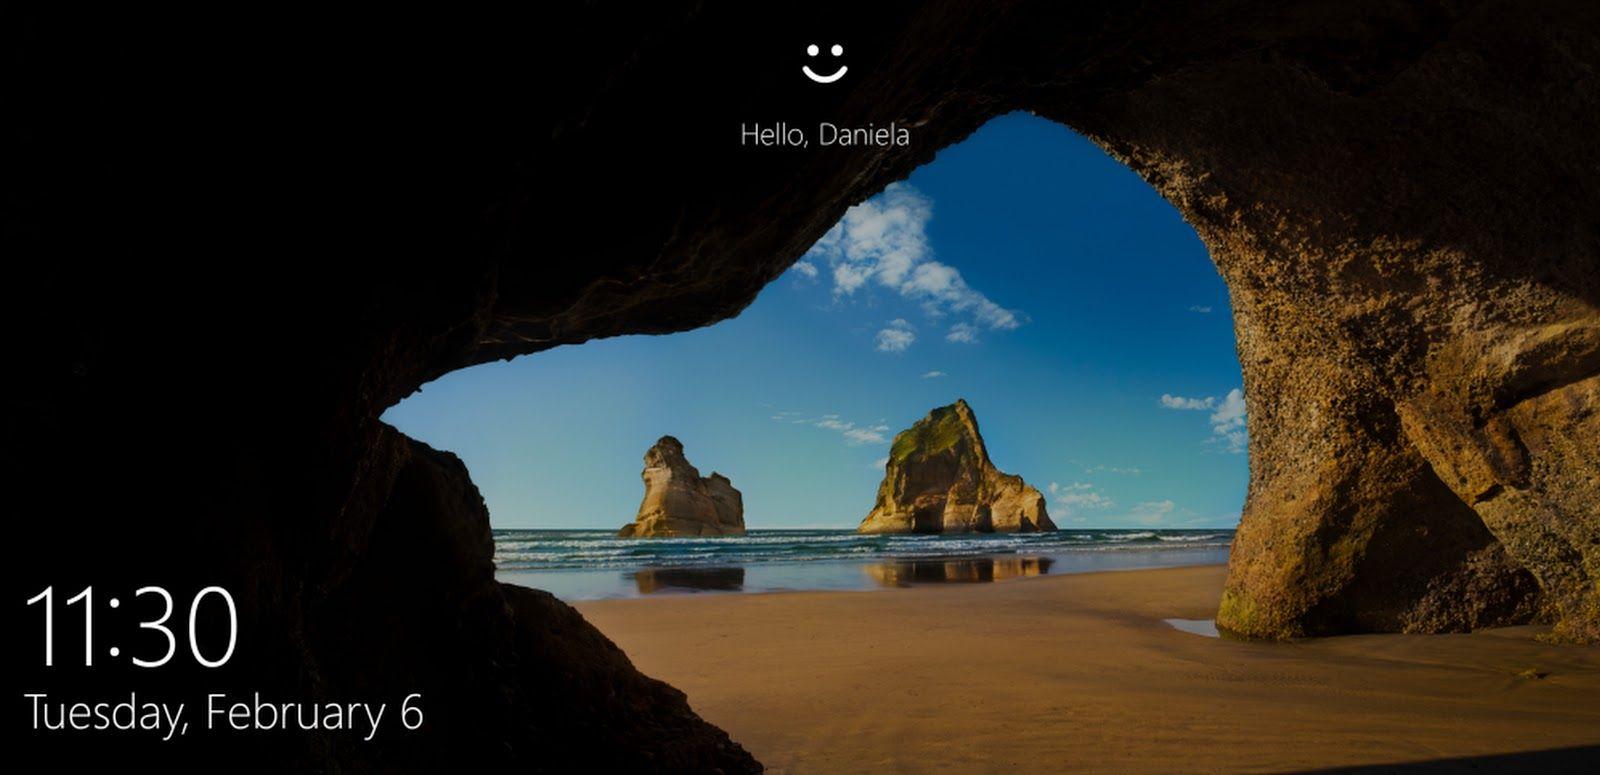 Kā novērst Windows 10 bez pieteikšanās ekrāna kļūdu